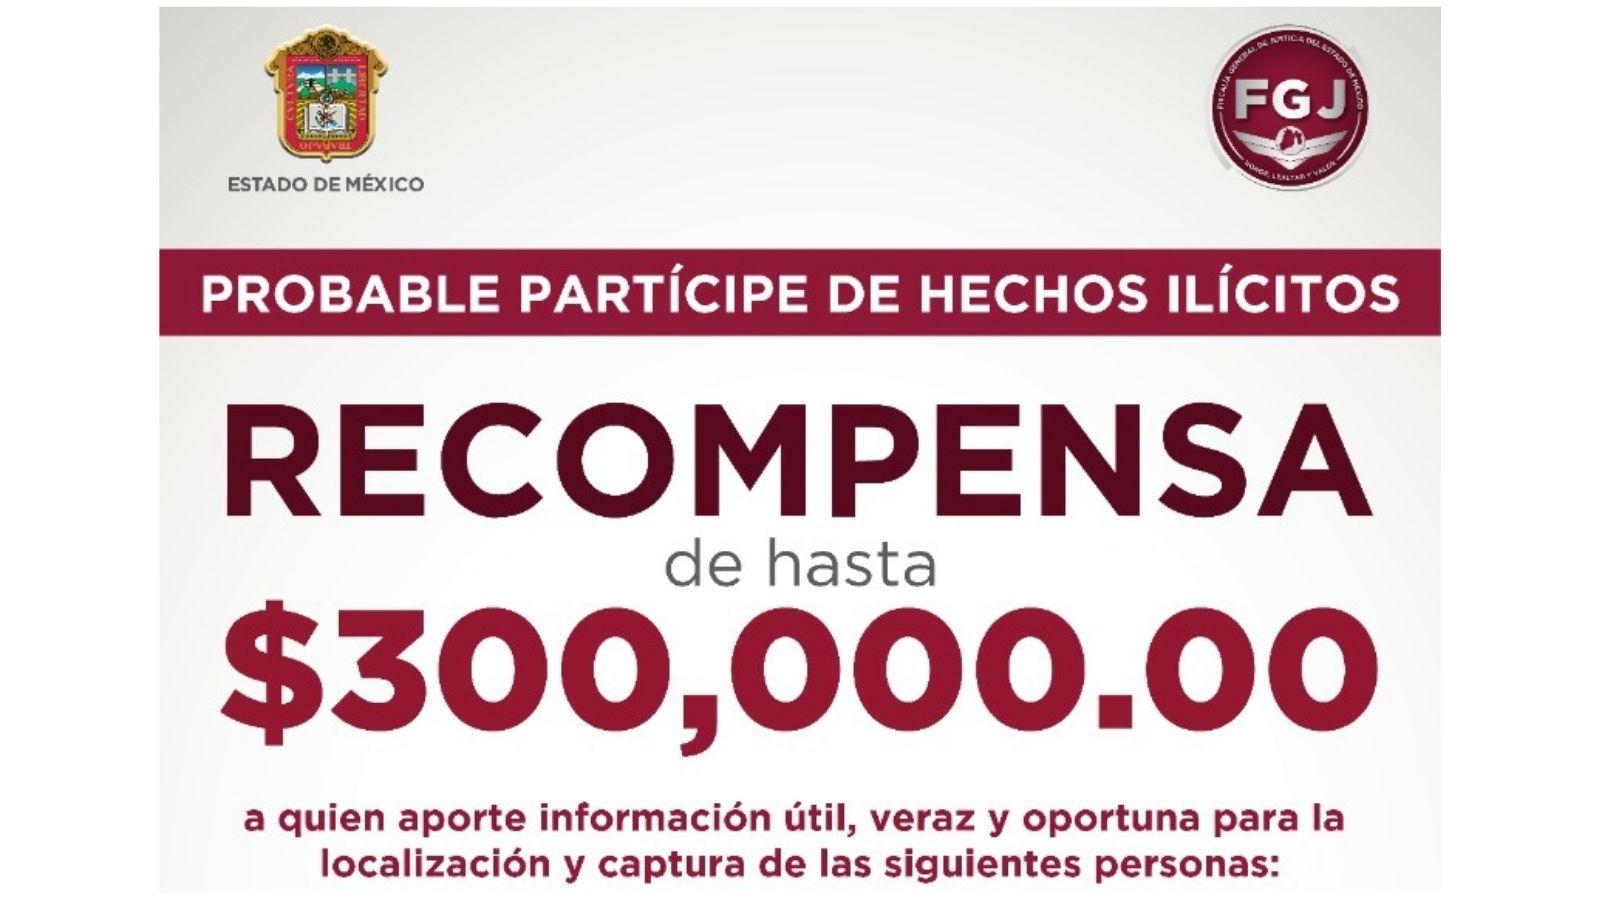 ¿LOS HAS VISTO? OFRECEN RECOMPENSA DE HASTA 300 MIL PESOS PARA LOCALIZAR A ESTAS PERSONAS